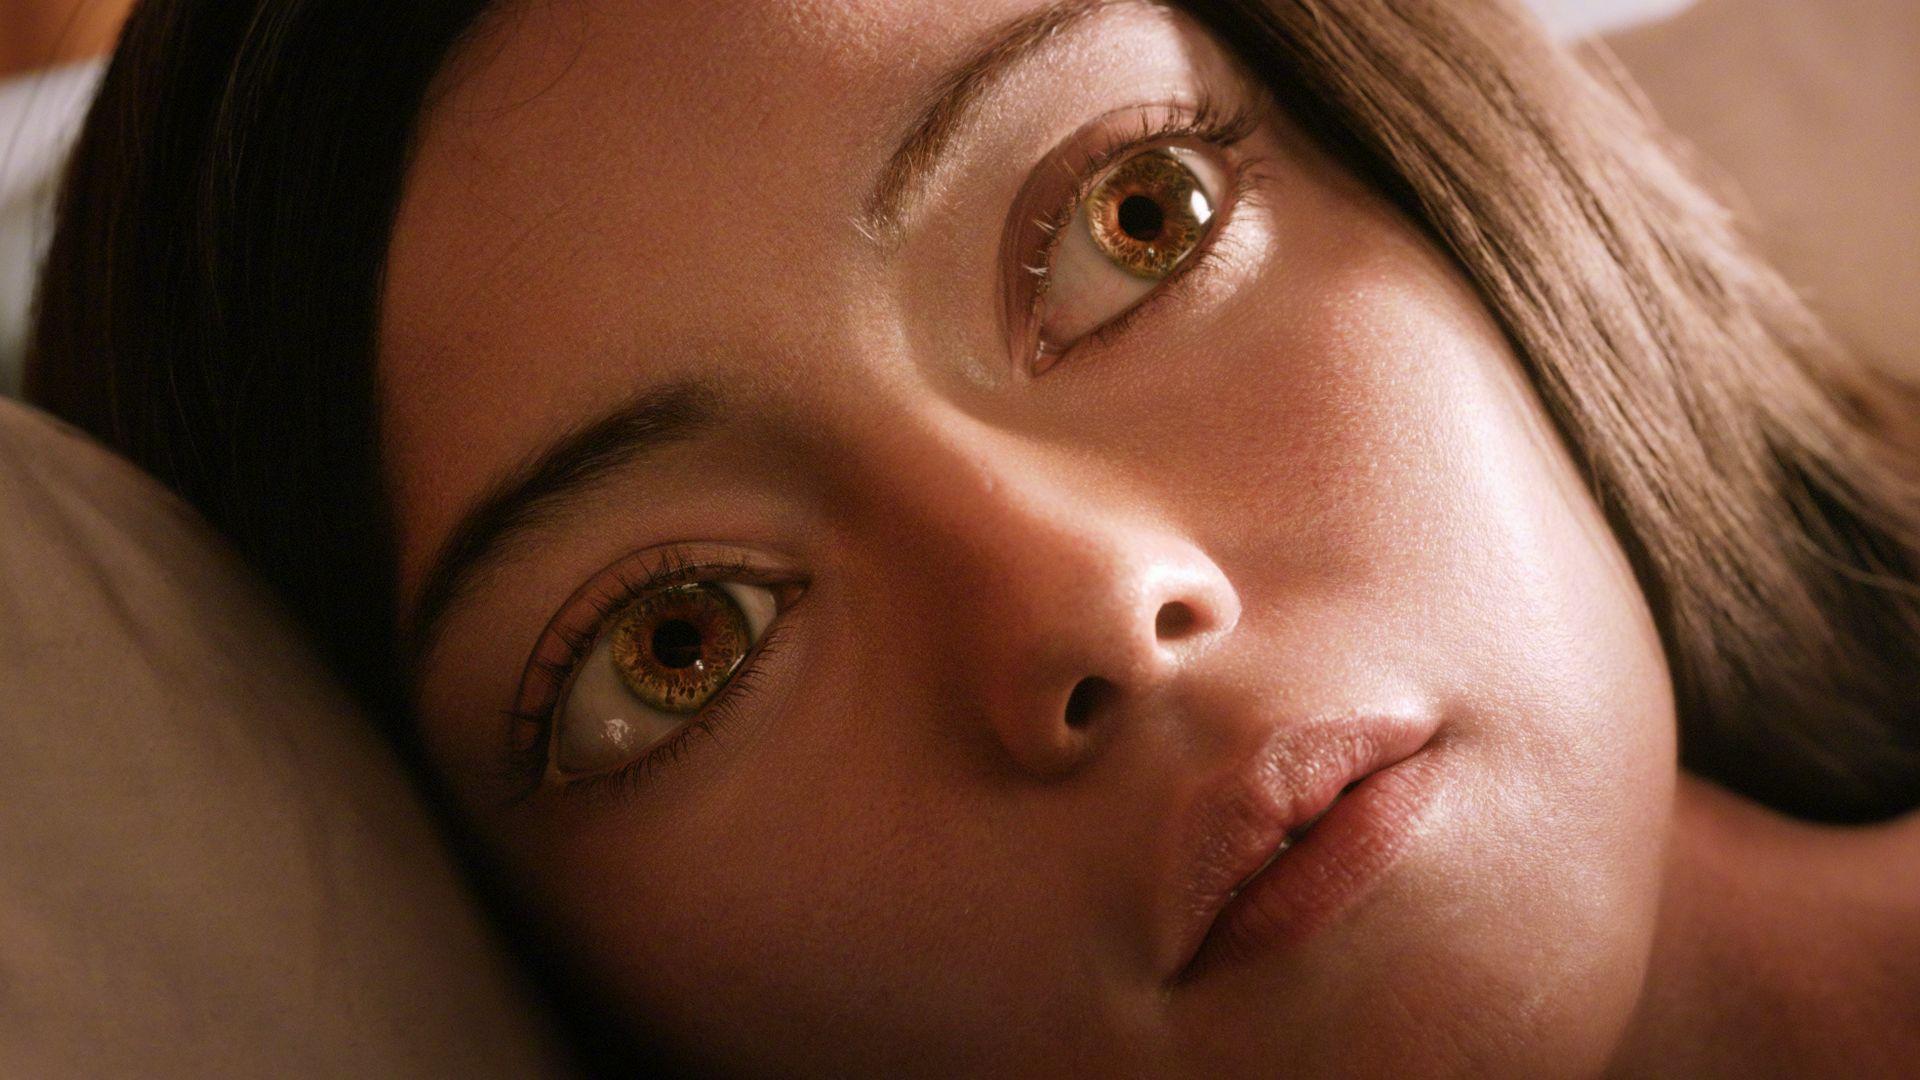 《阿丽塔》里很多细节都是围绕着面部表情进行的,所以维塔花了很多时图片